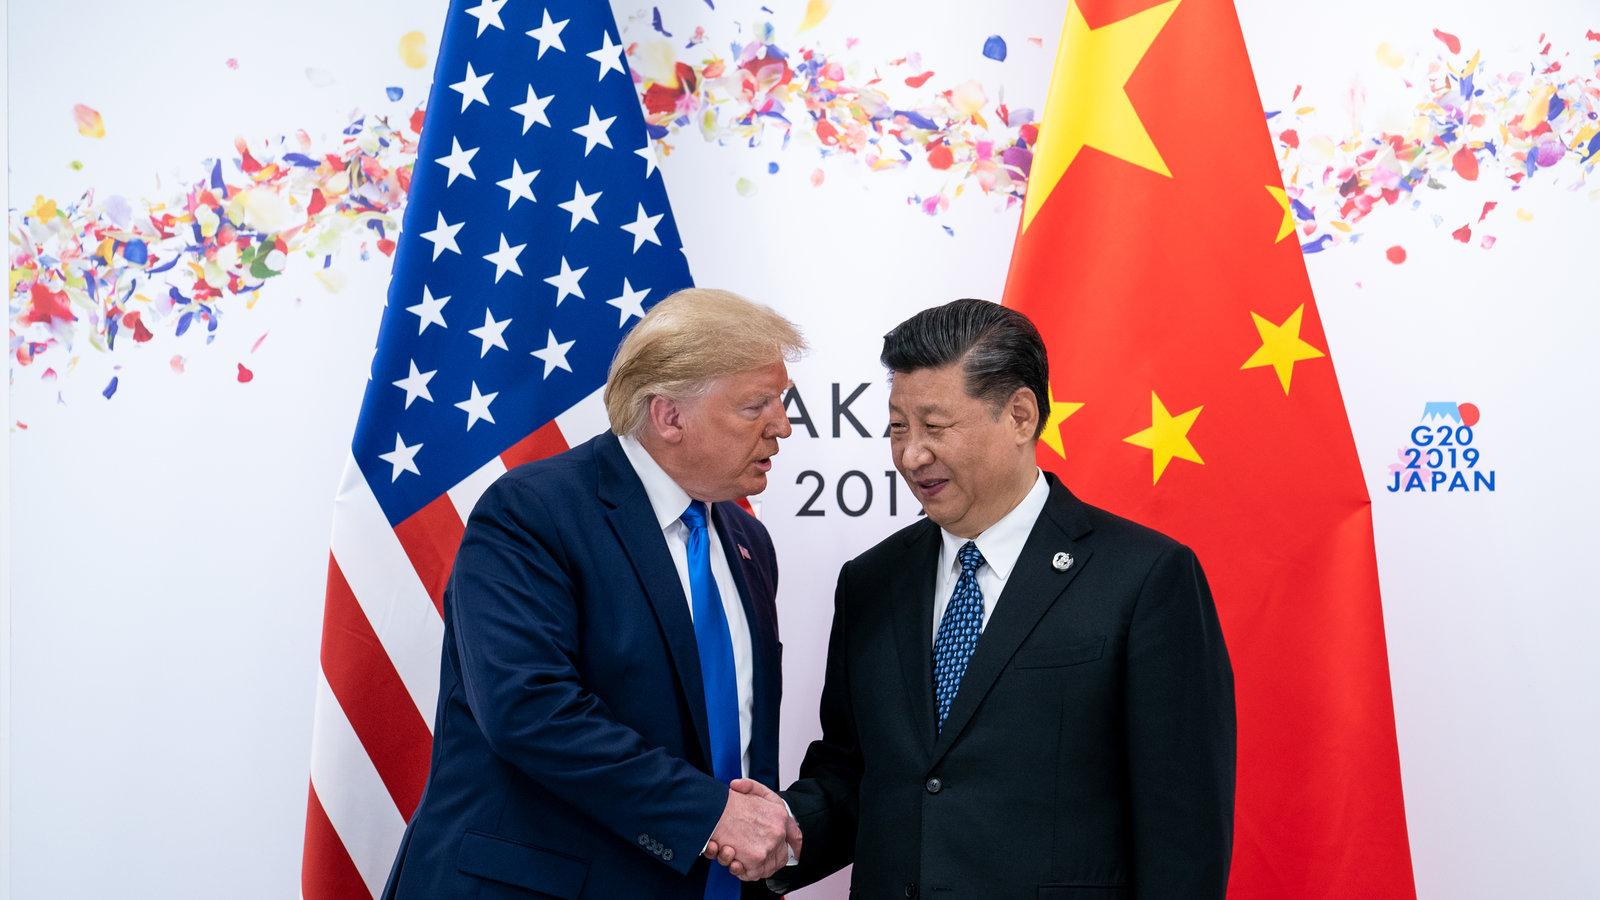 डोनाल्ड ट्रंप को सत्ता से हटाने के लिए चीन बना रहा खास प्लान